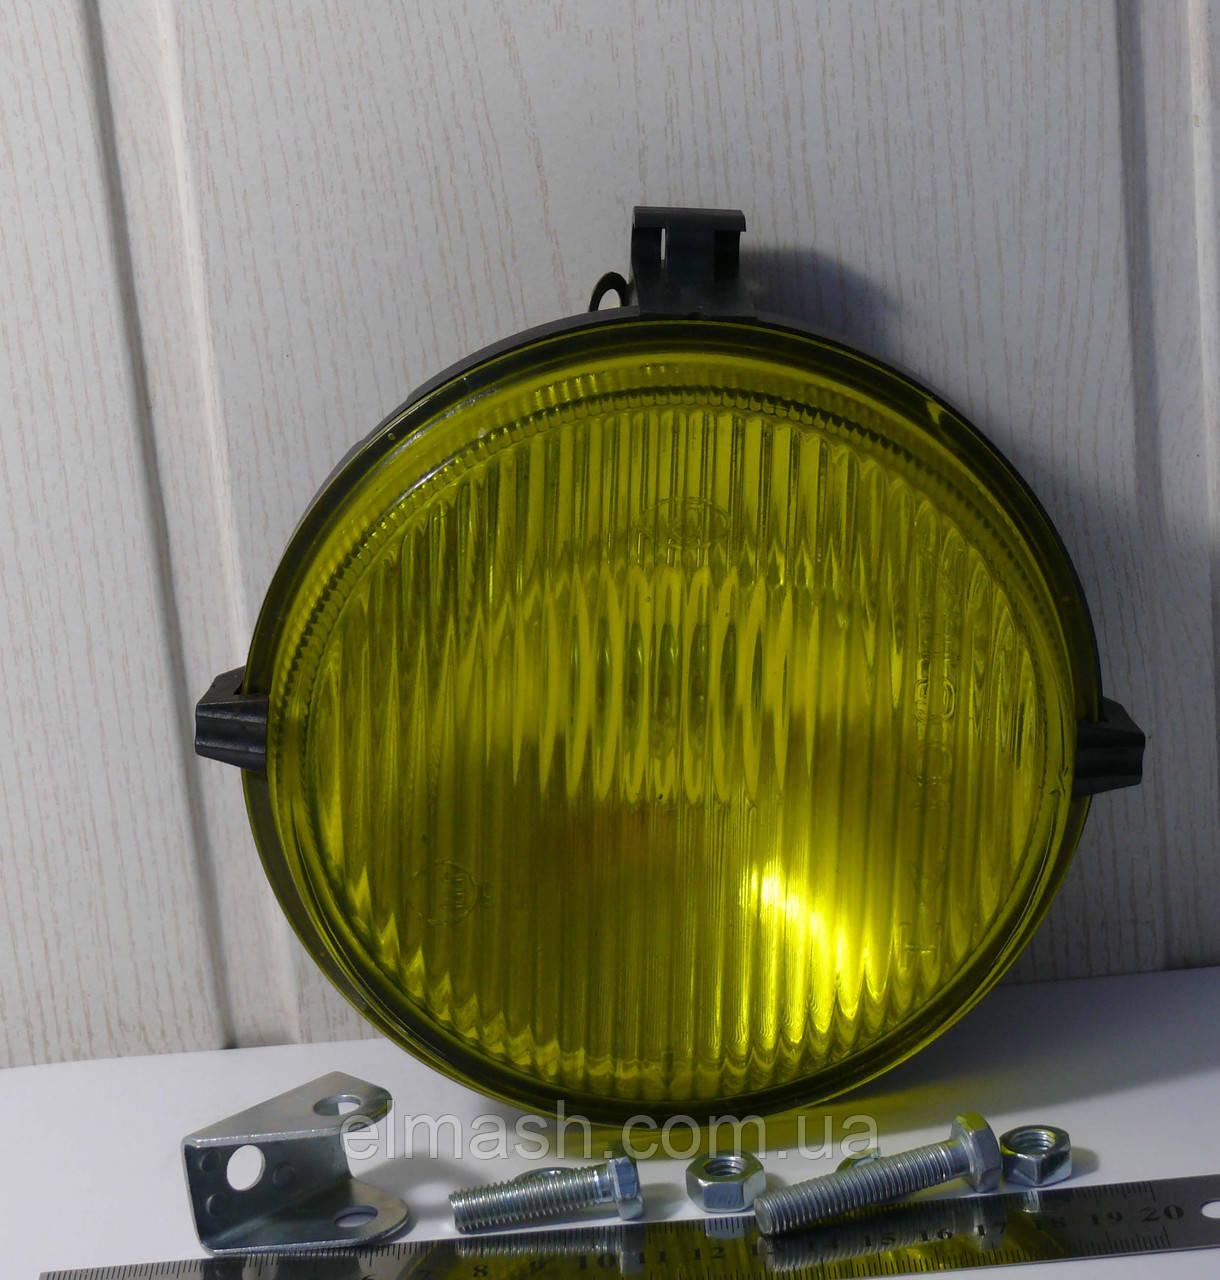 Фара противотуманная МТЗ круглая, с галогеновой лампочкой (жёлтое стекло) (пр-во Украина)